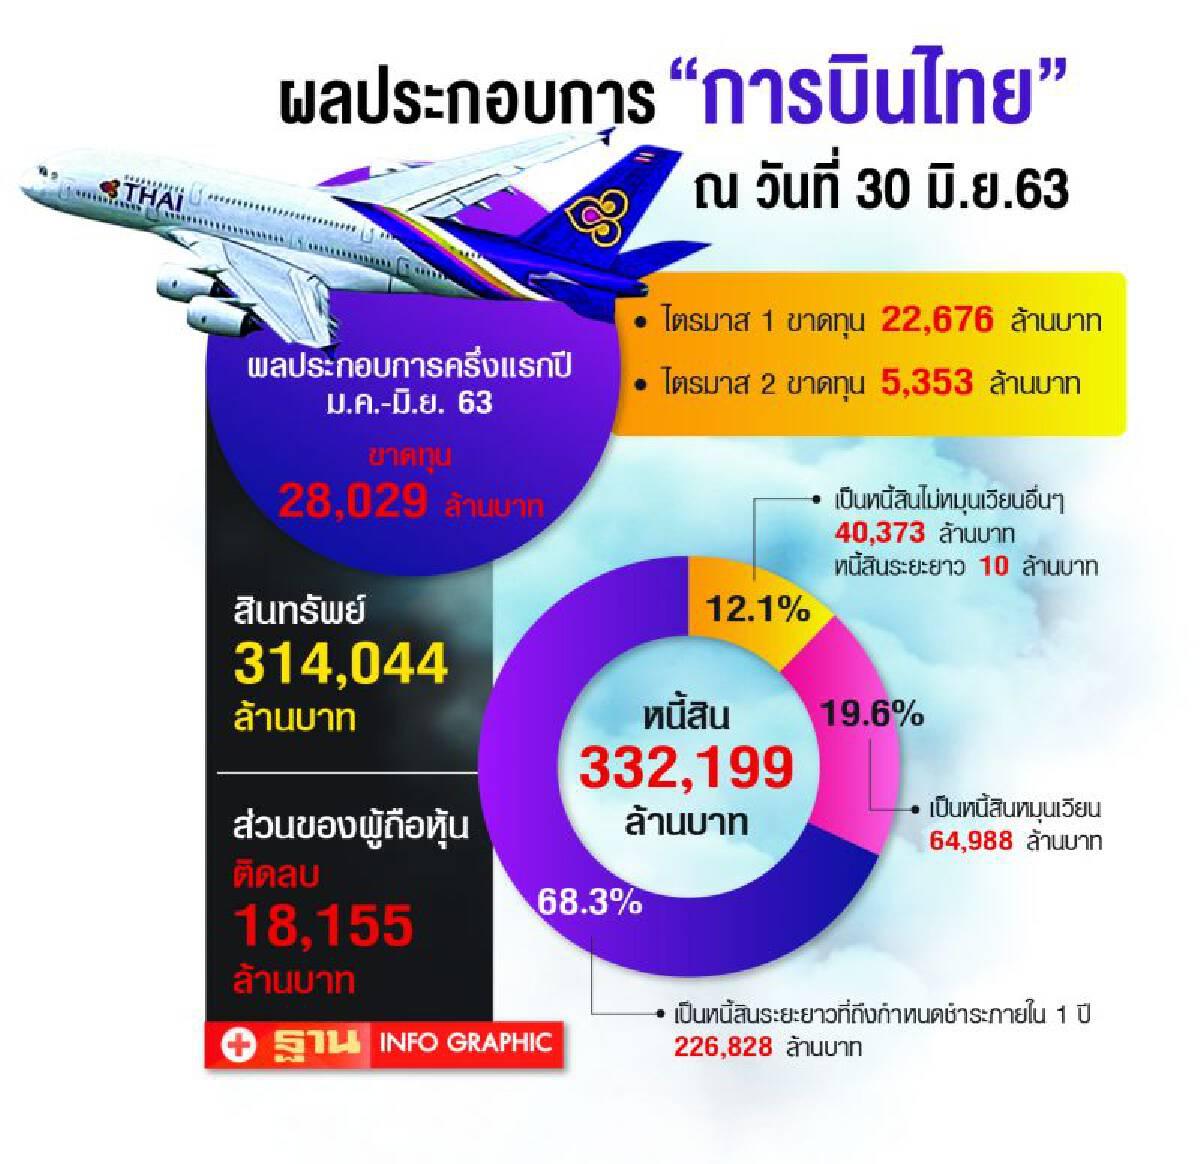 เปิด 5 แนวทาง ร่างแผนฟื้นฟู 'การบินไทย'